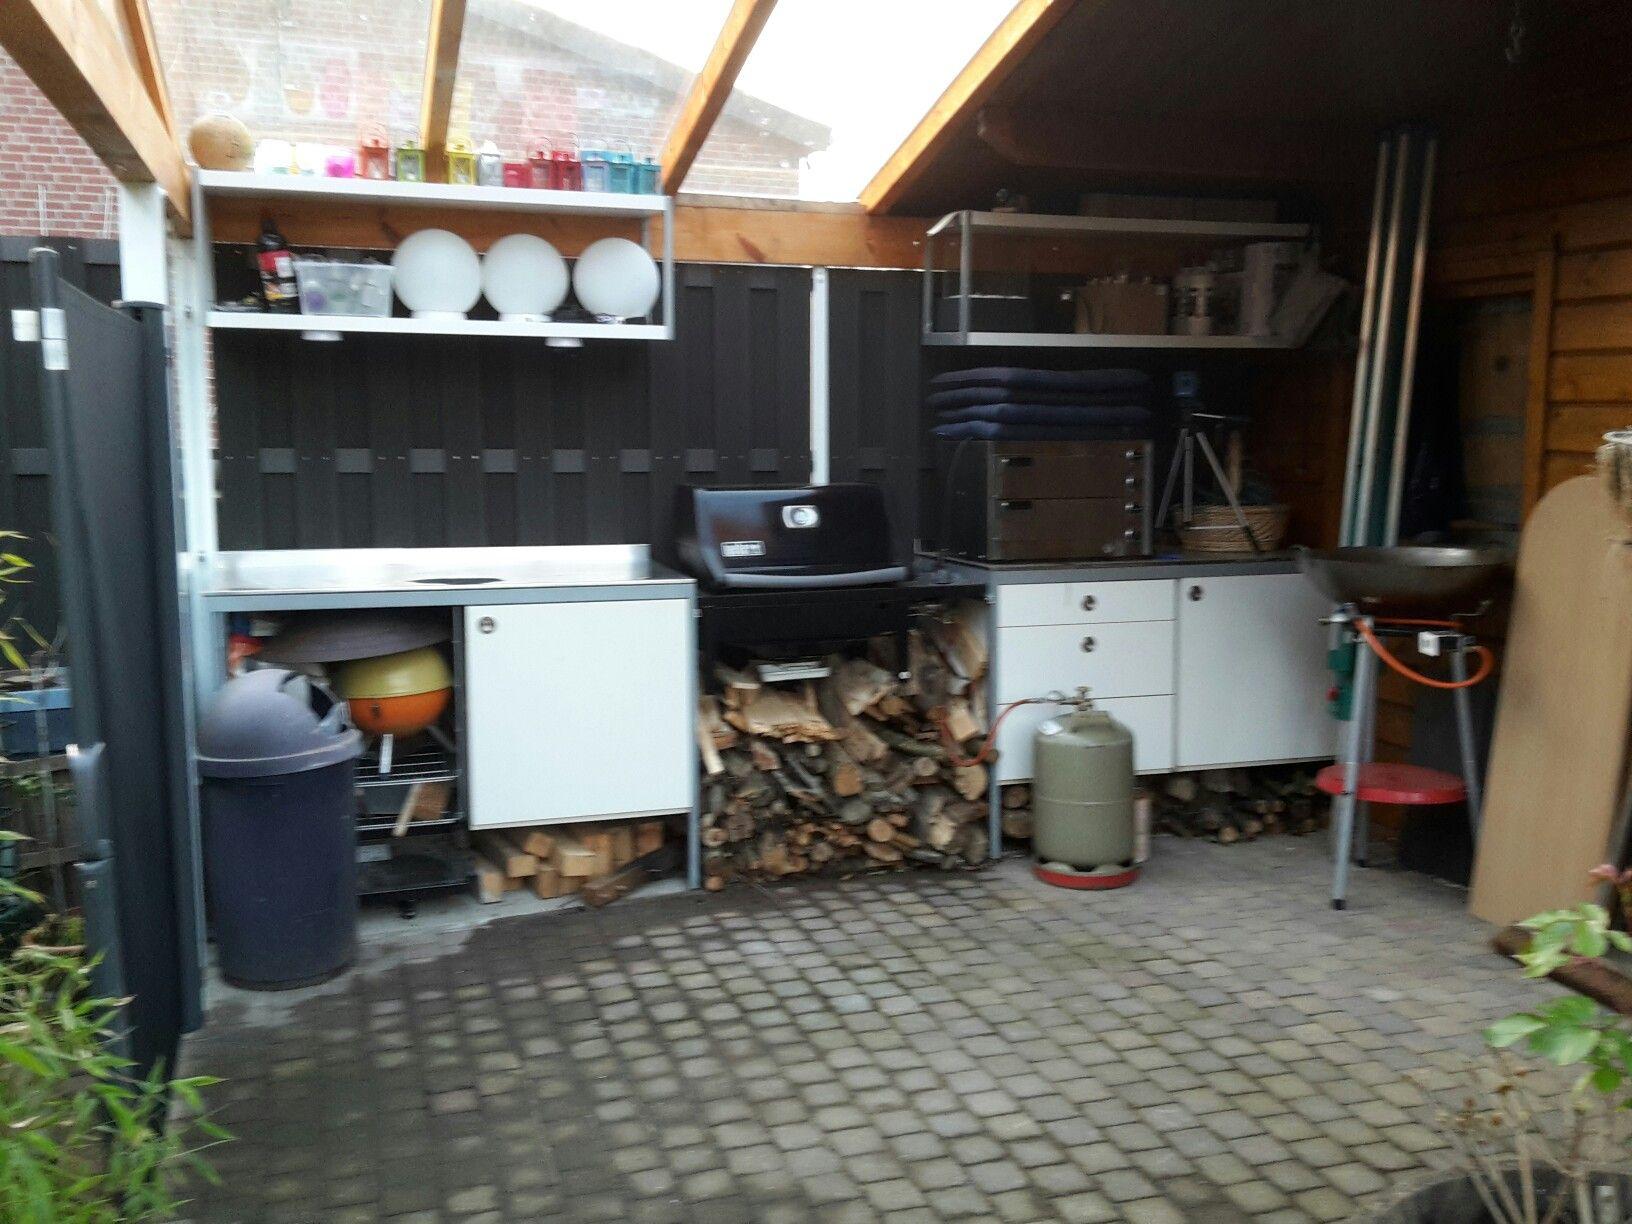 Outdoor Küche Ikea Udden : Mobile outdoor küche bauen wandtattoo küche peperoni